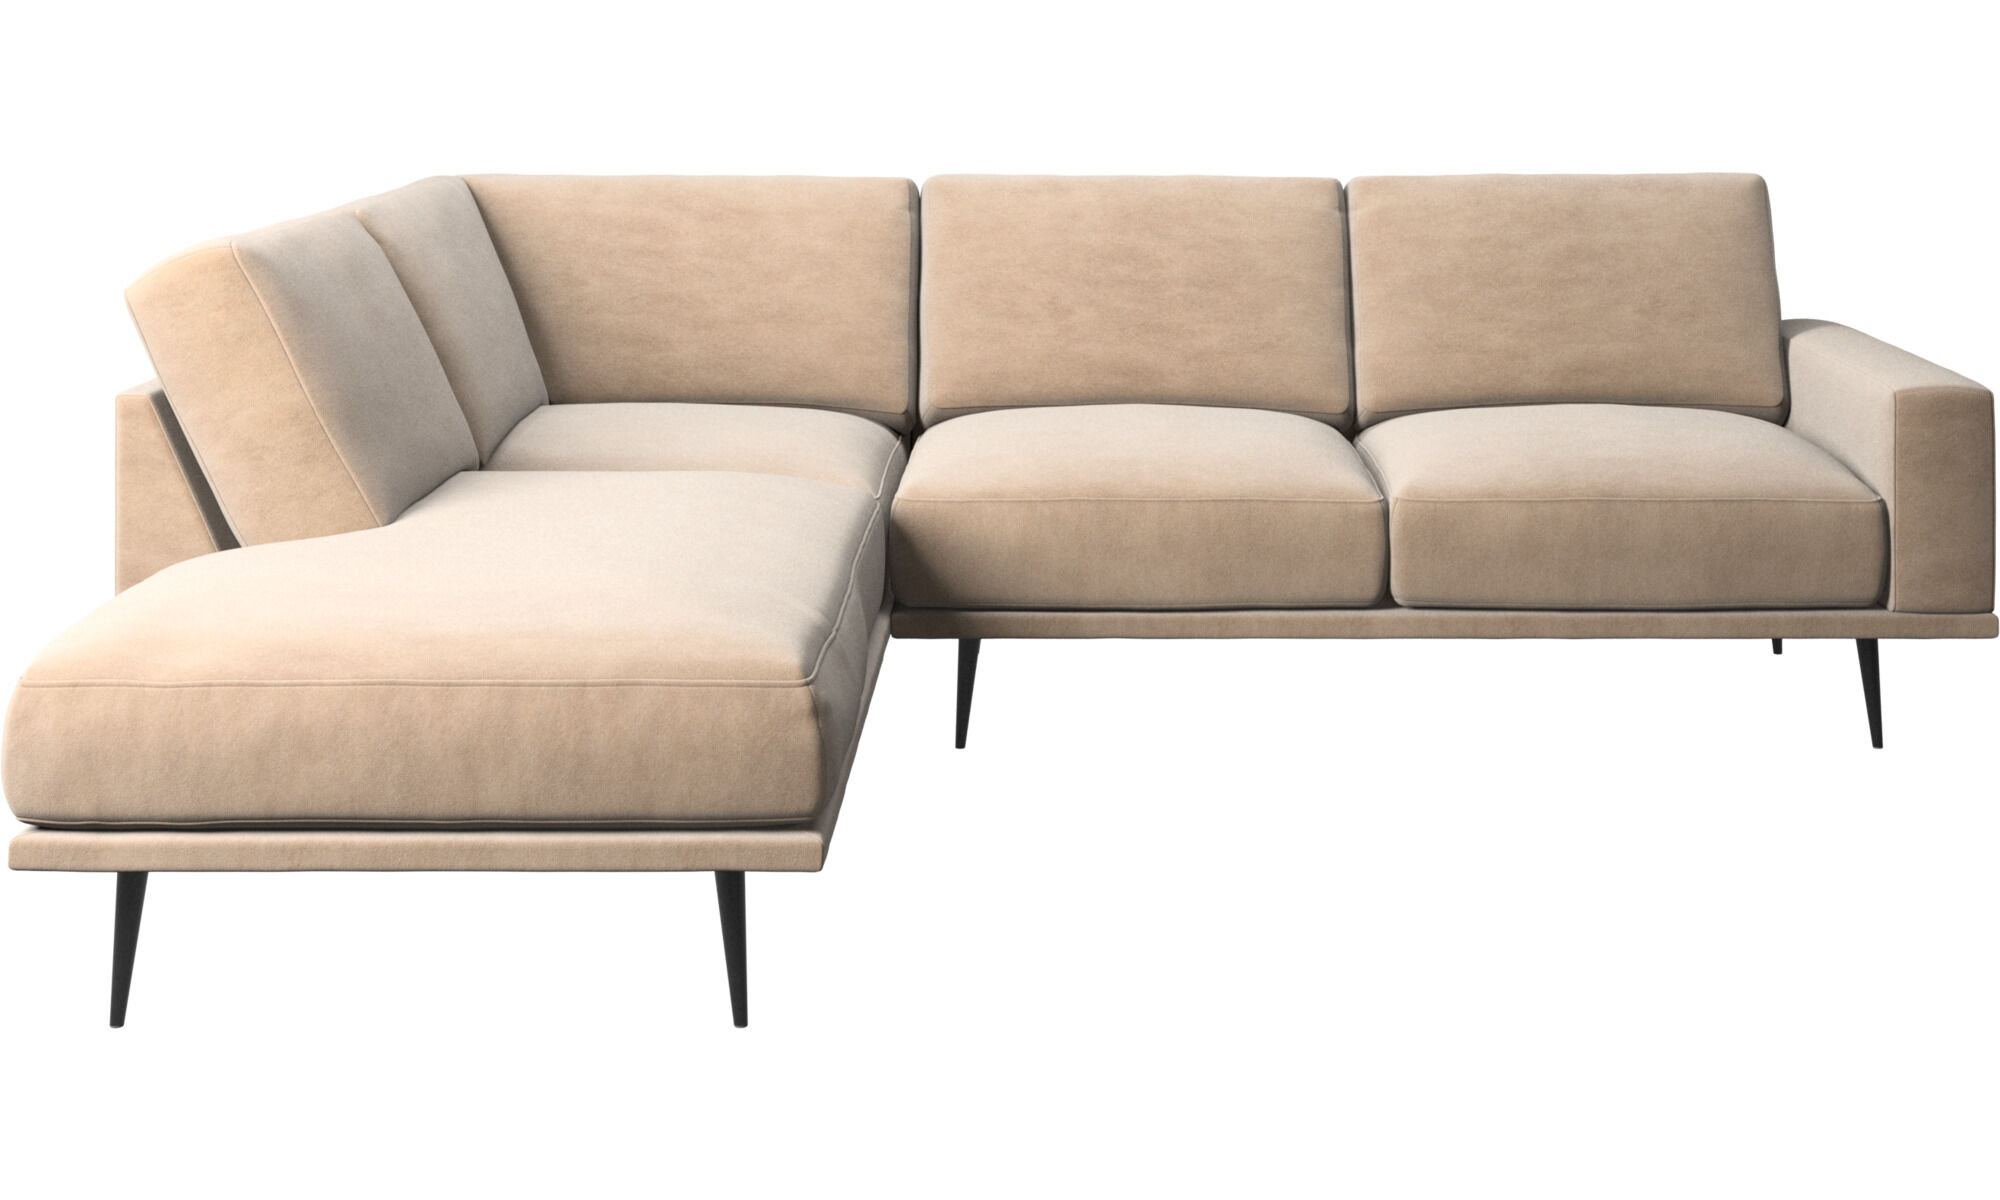 Lounge Sofas   Carlton Sofa Mit Loungemodulen   Beige   Stoff